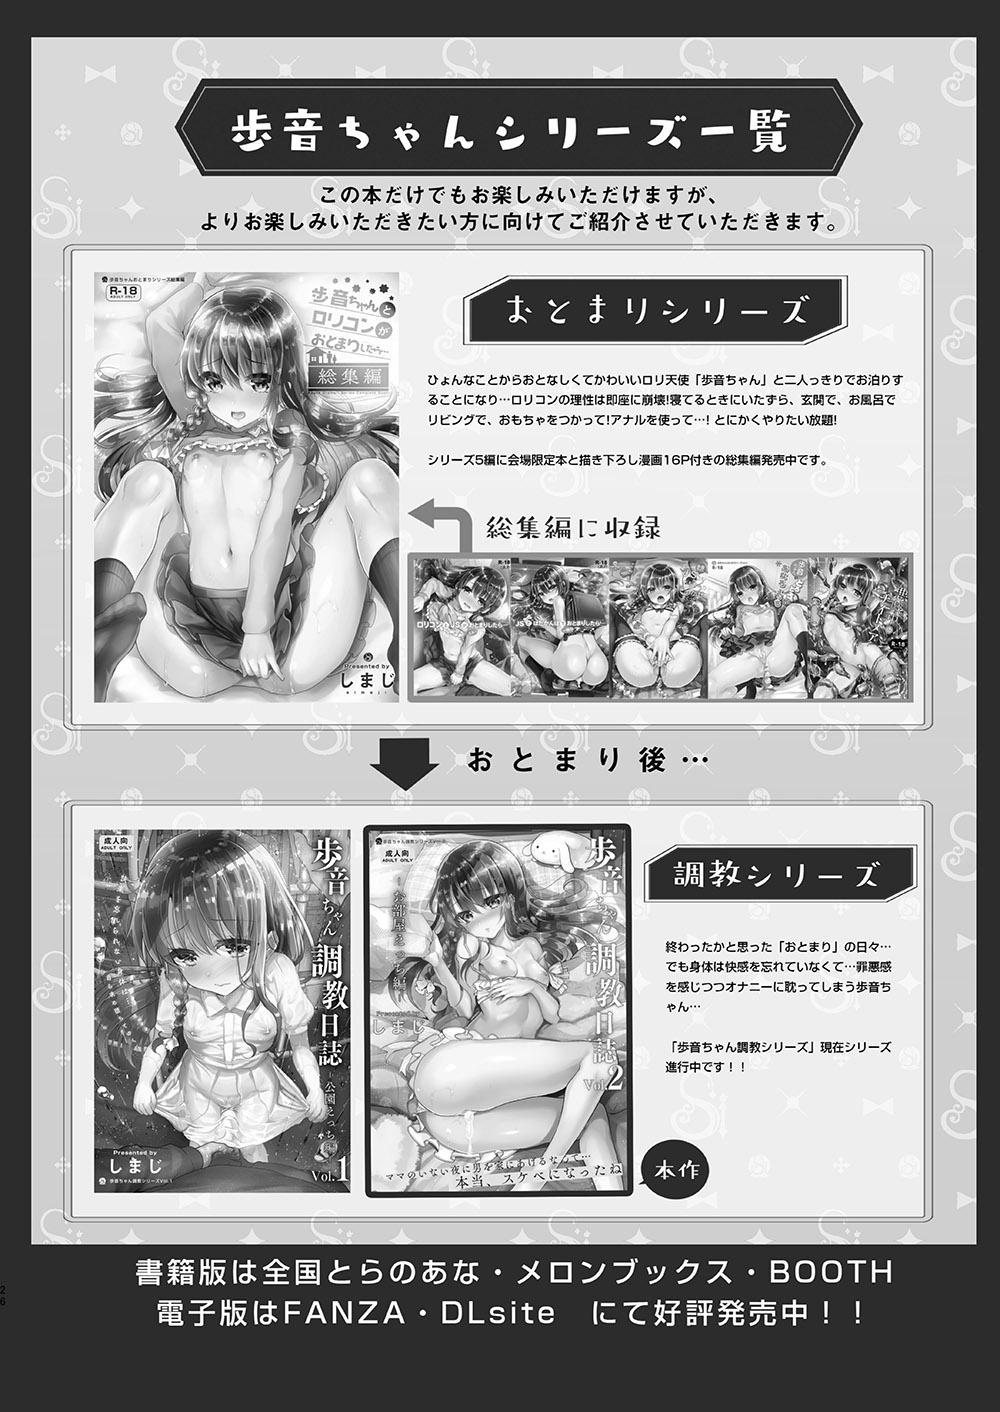 [Shimajiya (Shimaji)] Ayune-chan Choukyou Nisshi Vol. 2 -Oheya Ecchi Hen- [Digital] 26